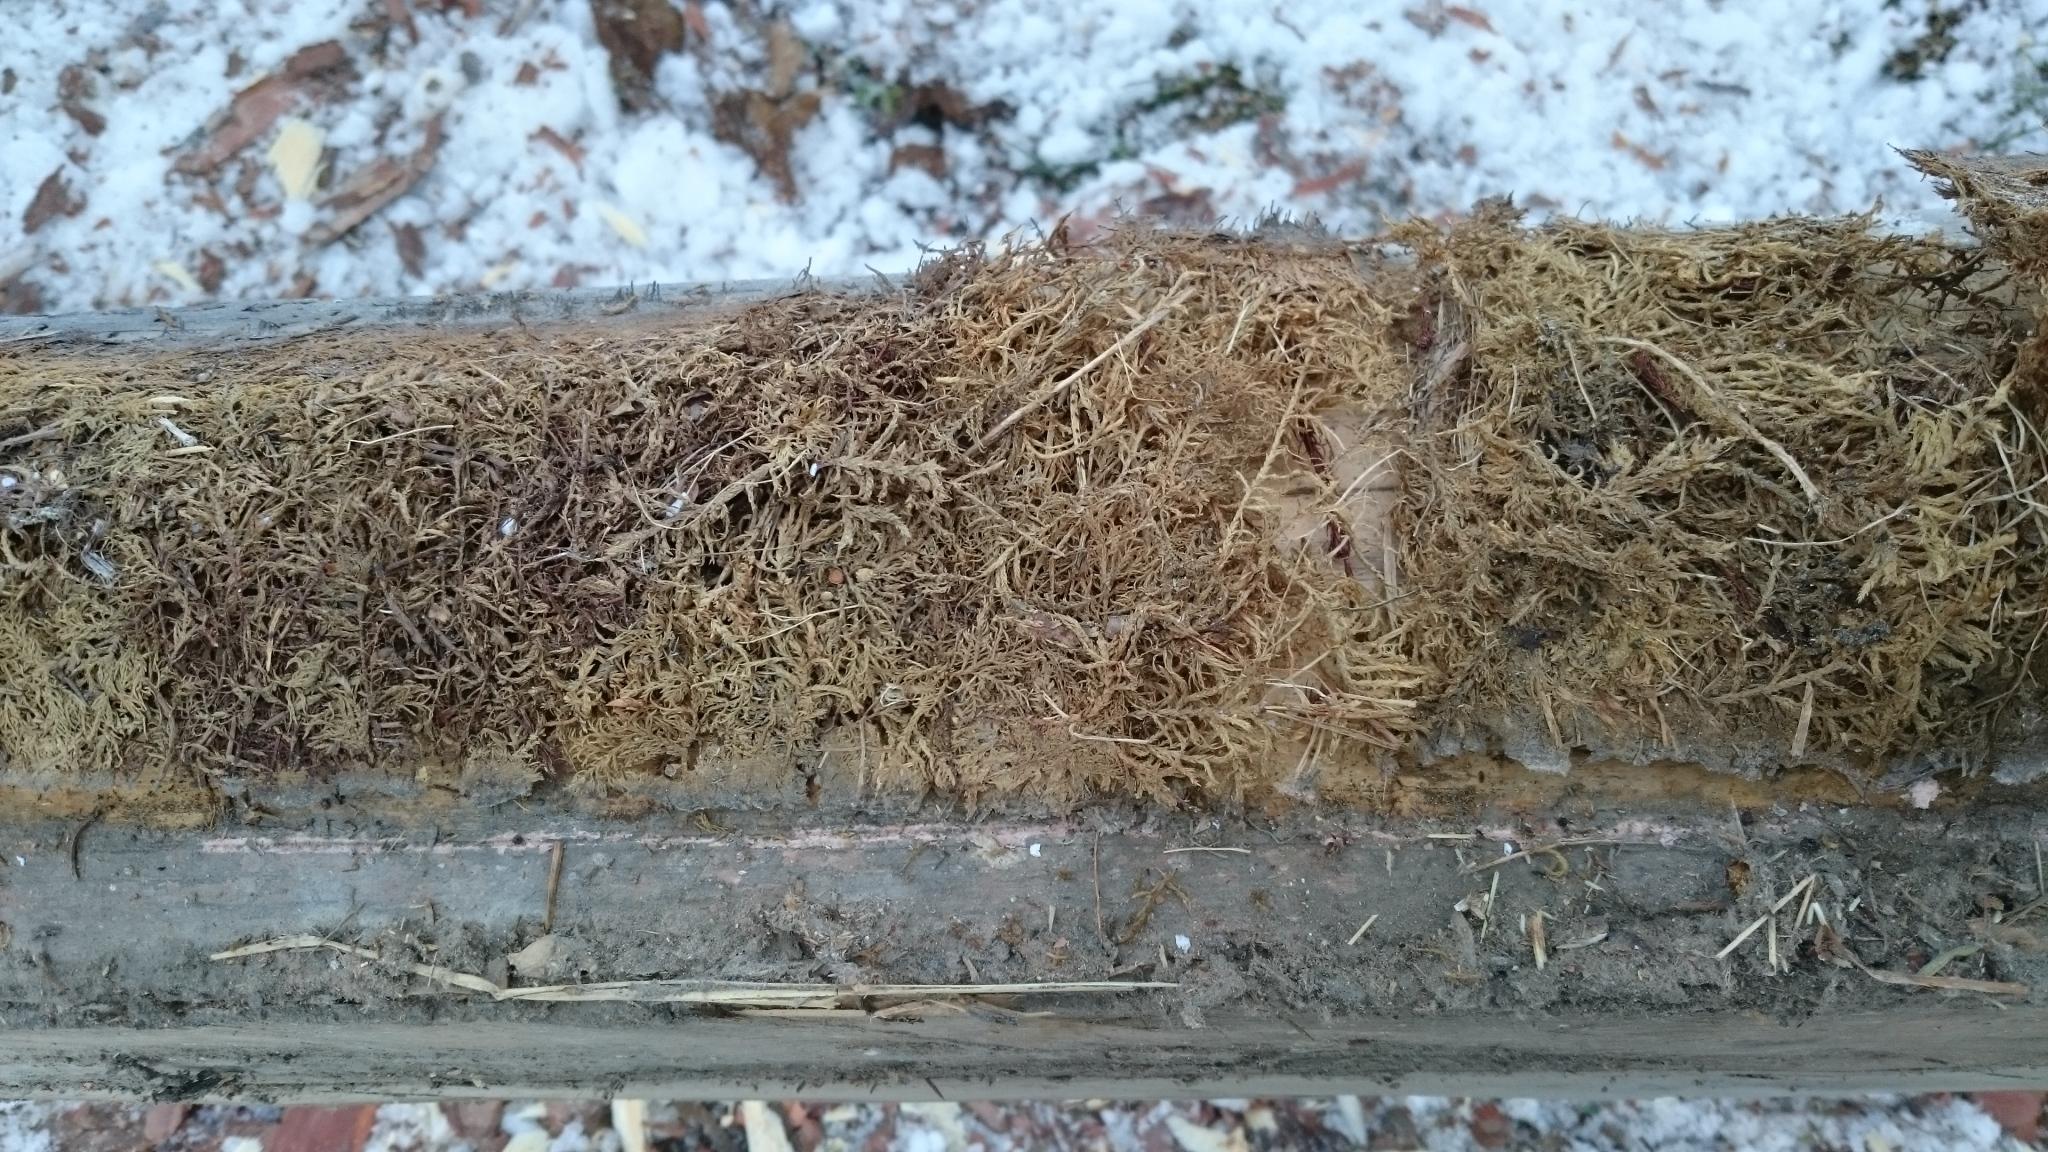 etasjemose-og-furumose-fra-1799-hallingby-buskerud